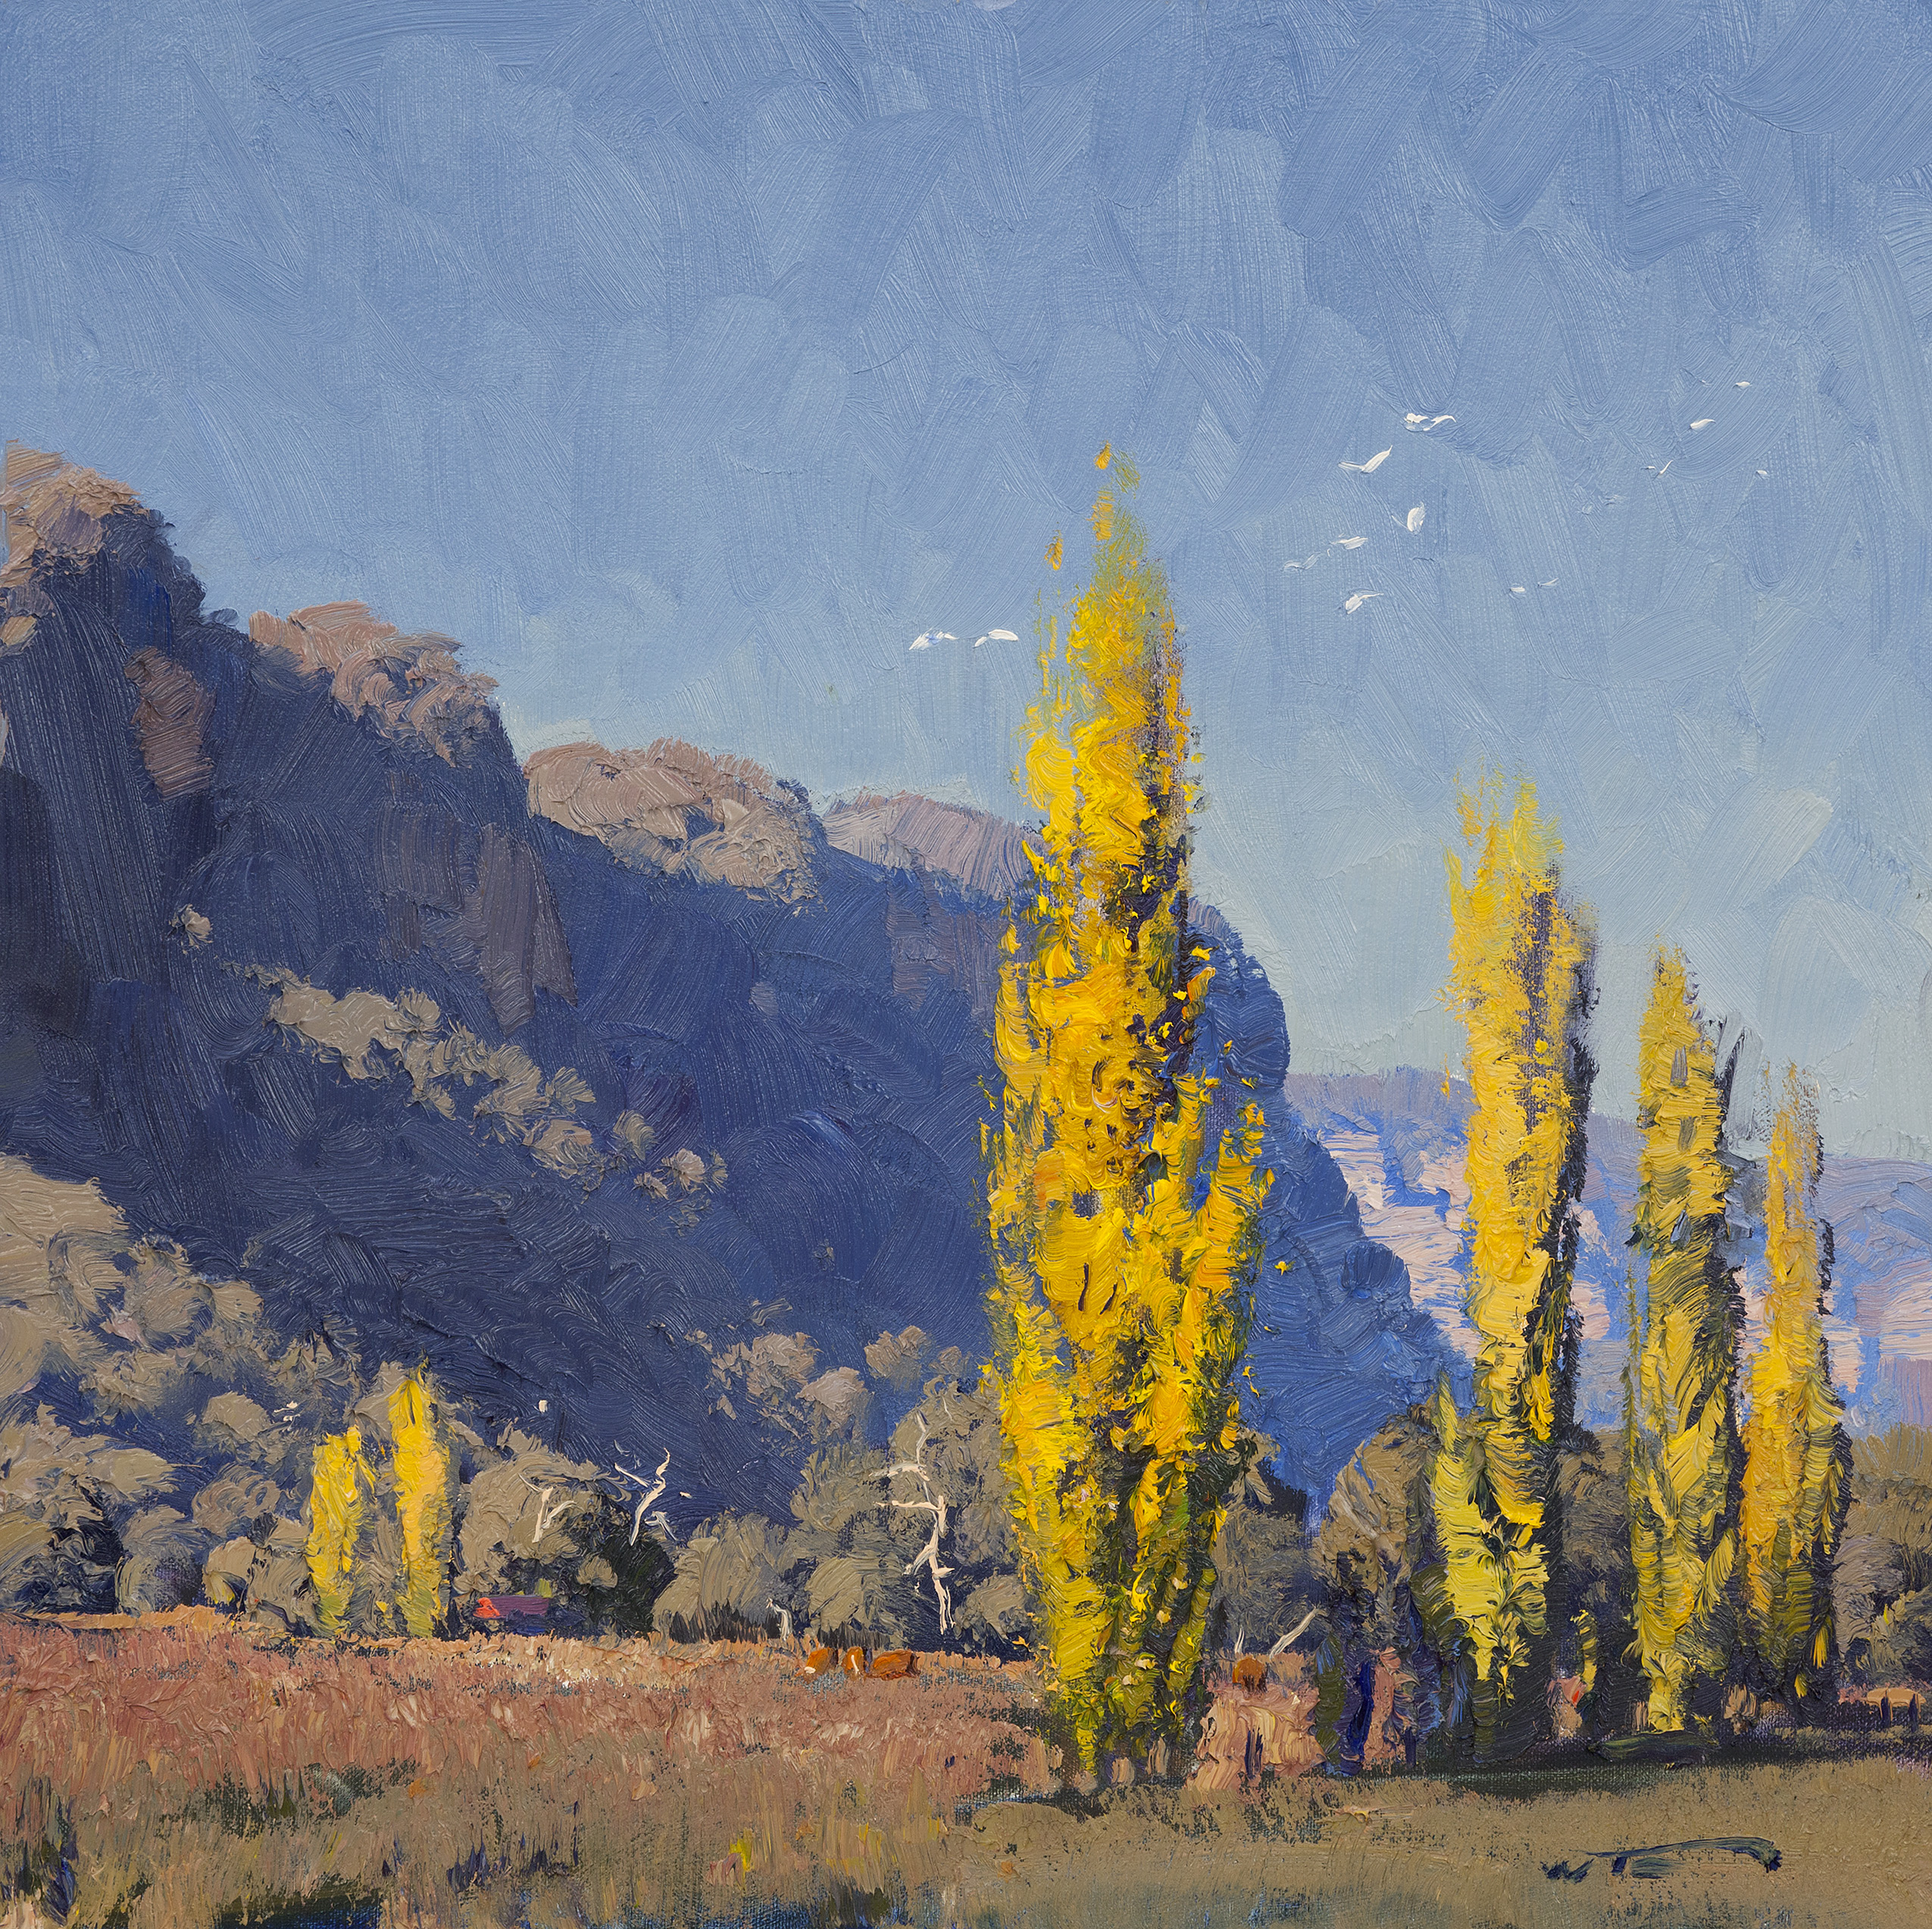 Cockatoos & Poplars Capertee Valley 45x45cm